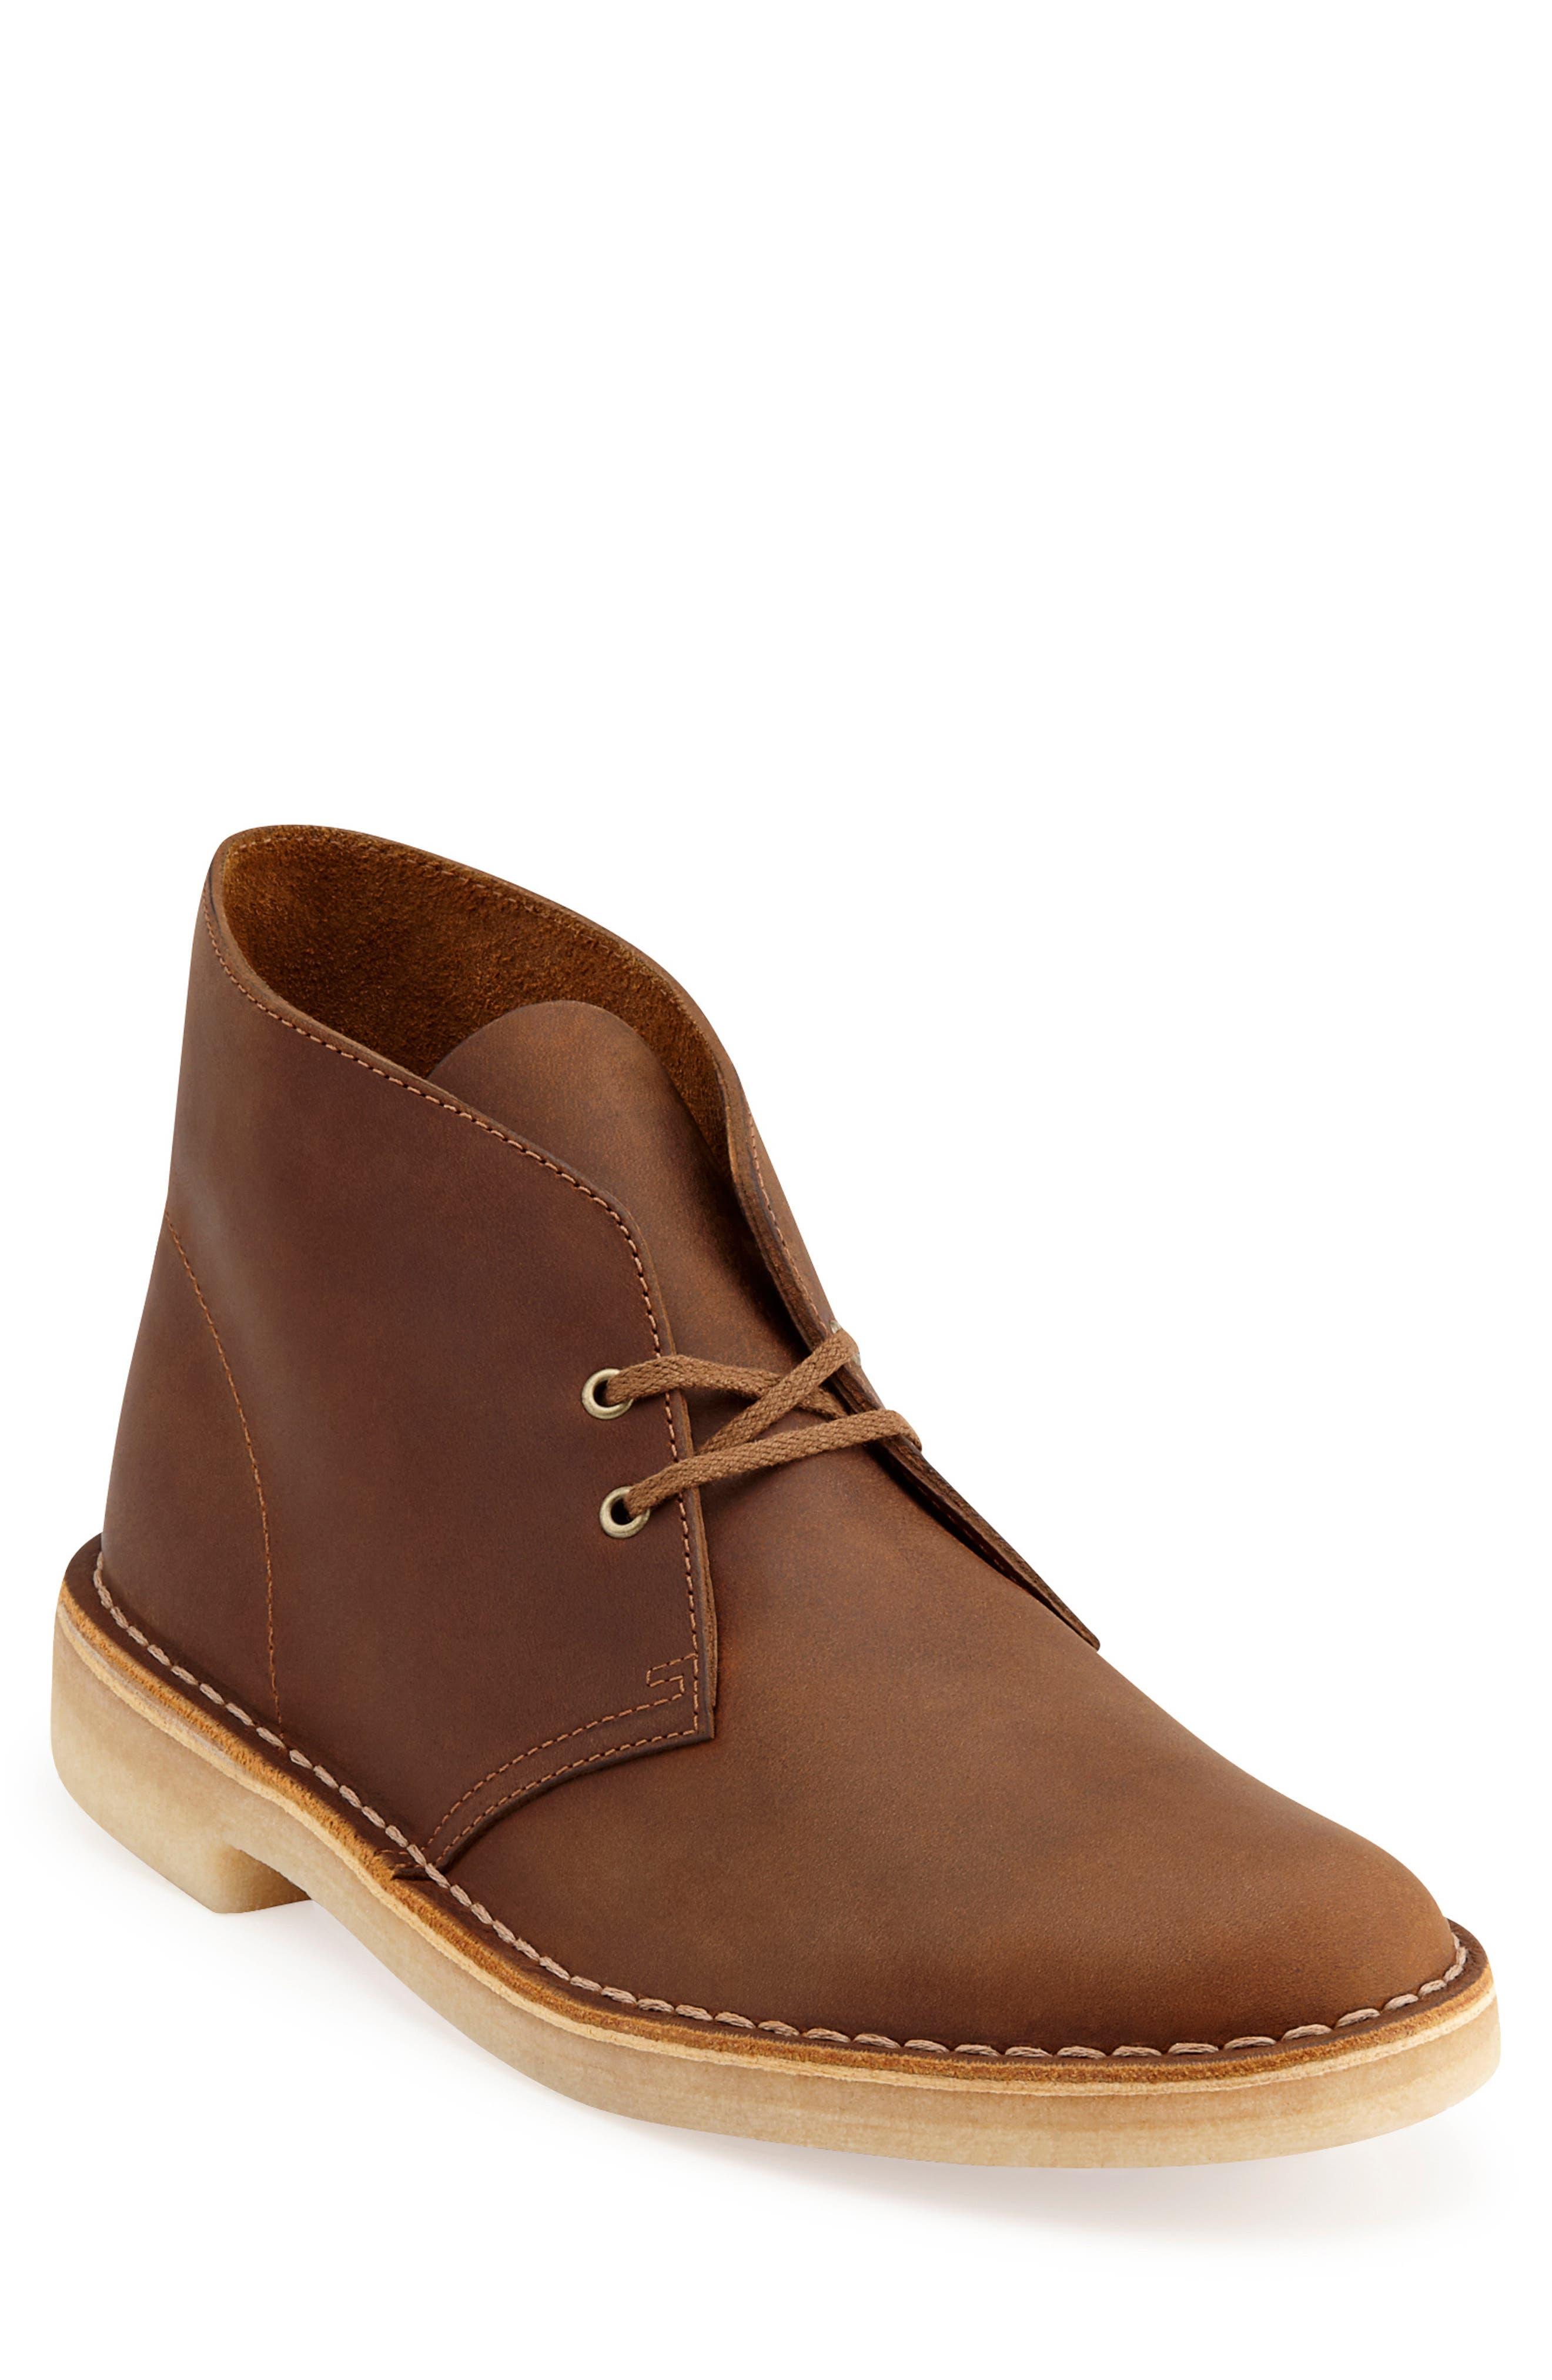 Mens Vintage Style Shoes & Boots| Retro Classic Shoes Mens Clarks Originals Desert Boot $140.00 AT vintagedancer.com